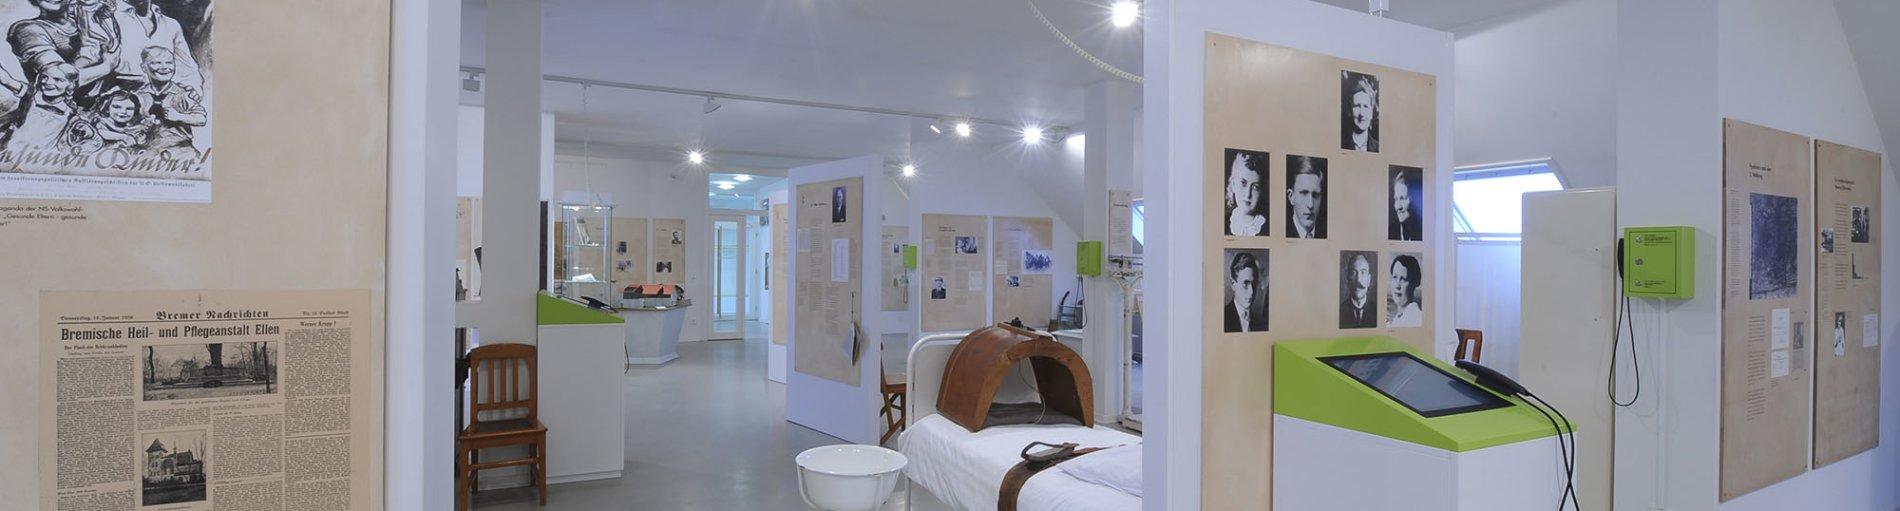 Eine Innenaufnahme aus dem hellen Krankenhausmuseum. Zu sehen sind einige Ausstellungsstücke sowie schwarz-weiß Bilder und Infotexte.